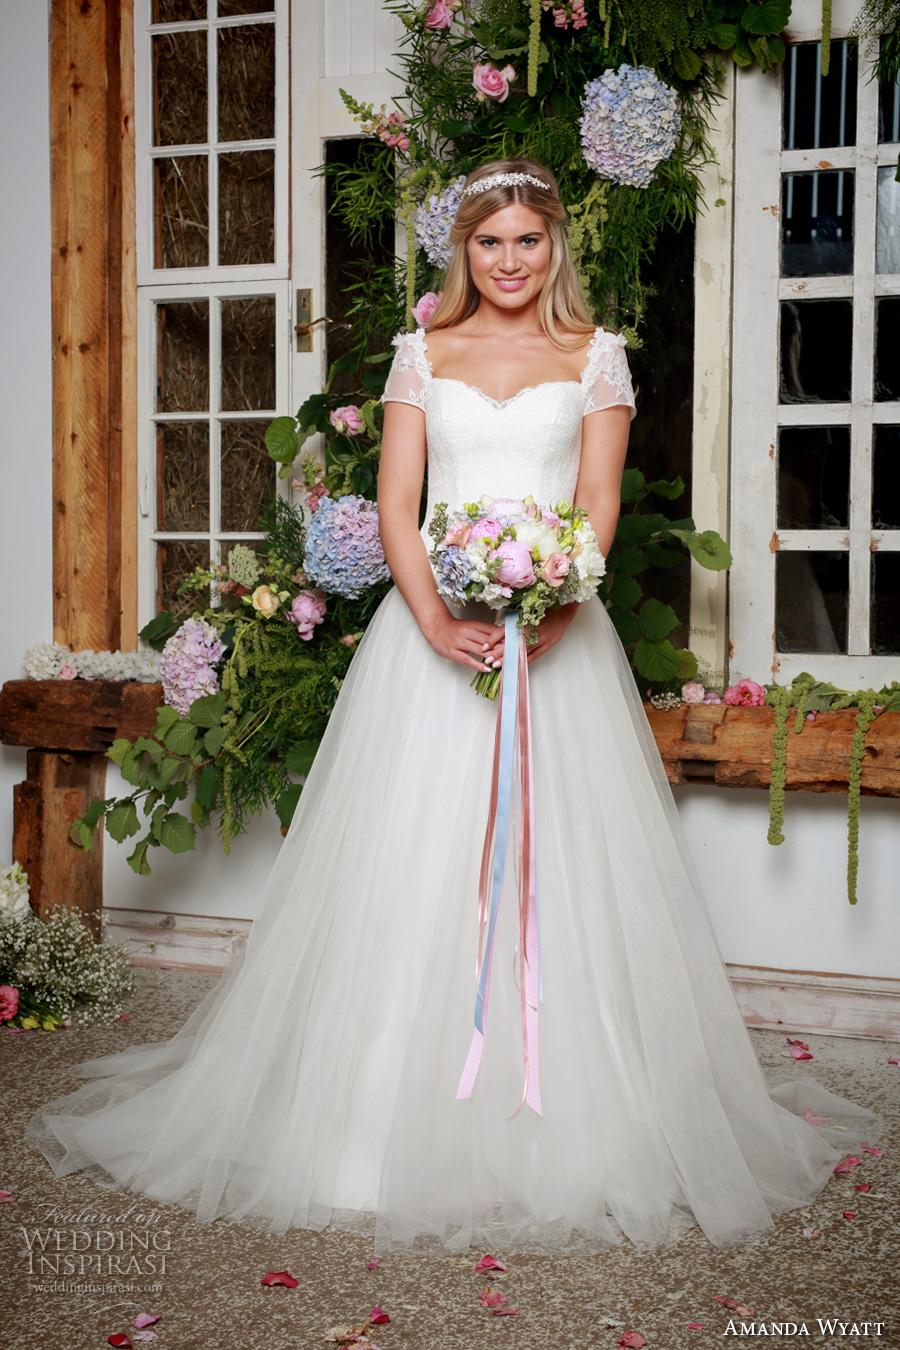 Corset Short Wedding Dress 20 Beautiful amanda wyatt bridal short